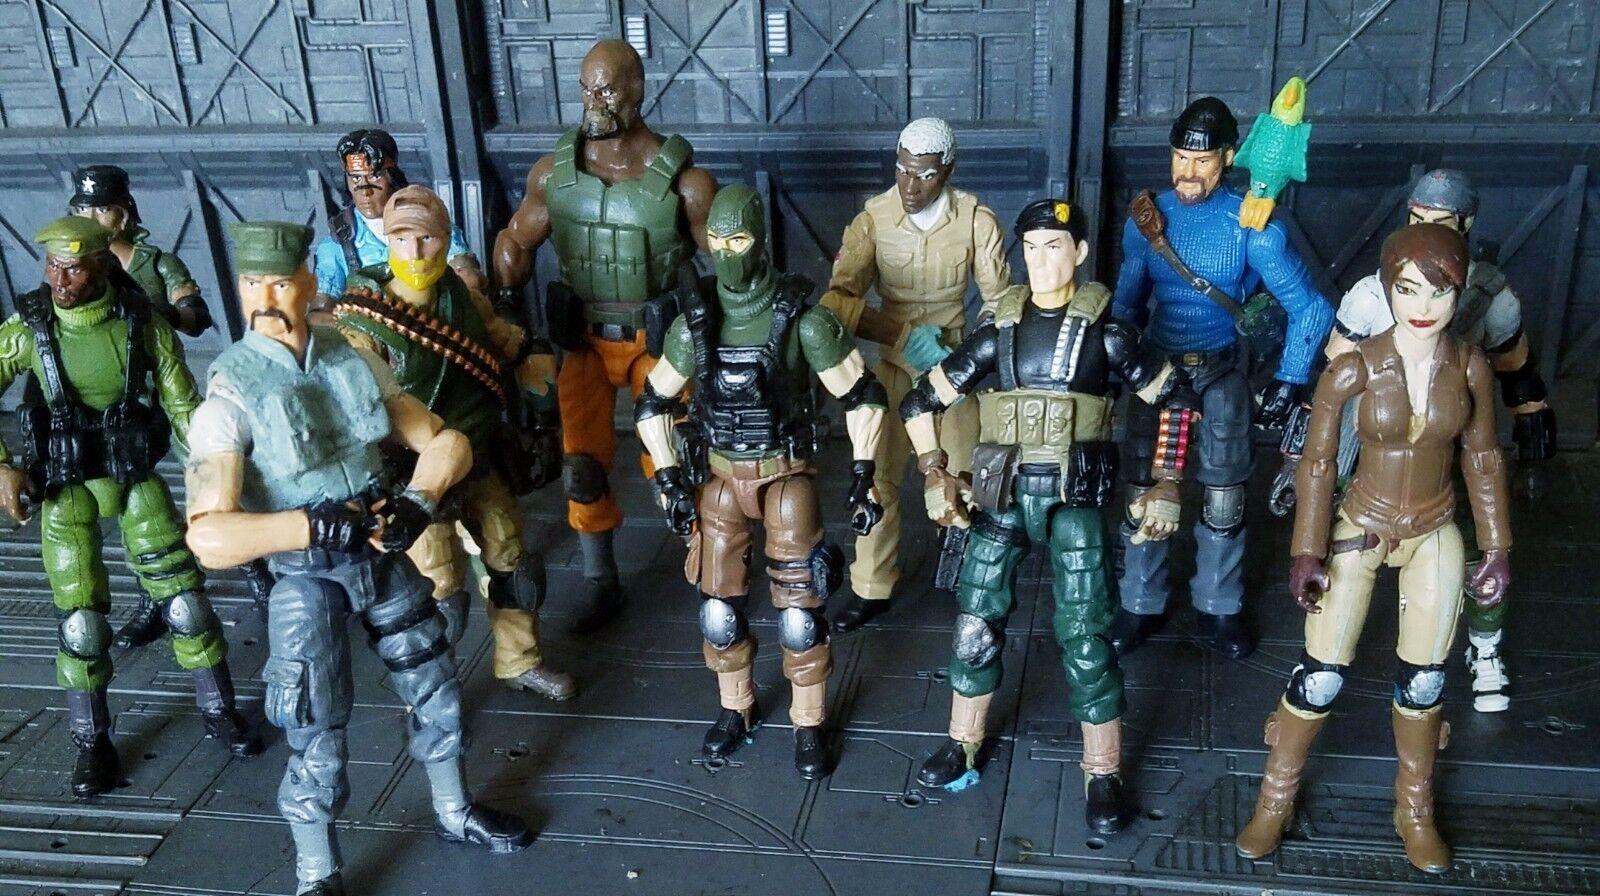 los últimos modelos Personalizado 3.75   G.I. Joe  el Resolute Resolute Resolute  Gi Joe equipo figuras de acción figura Set (14)  nuevo sádico